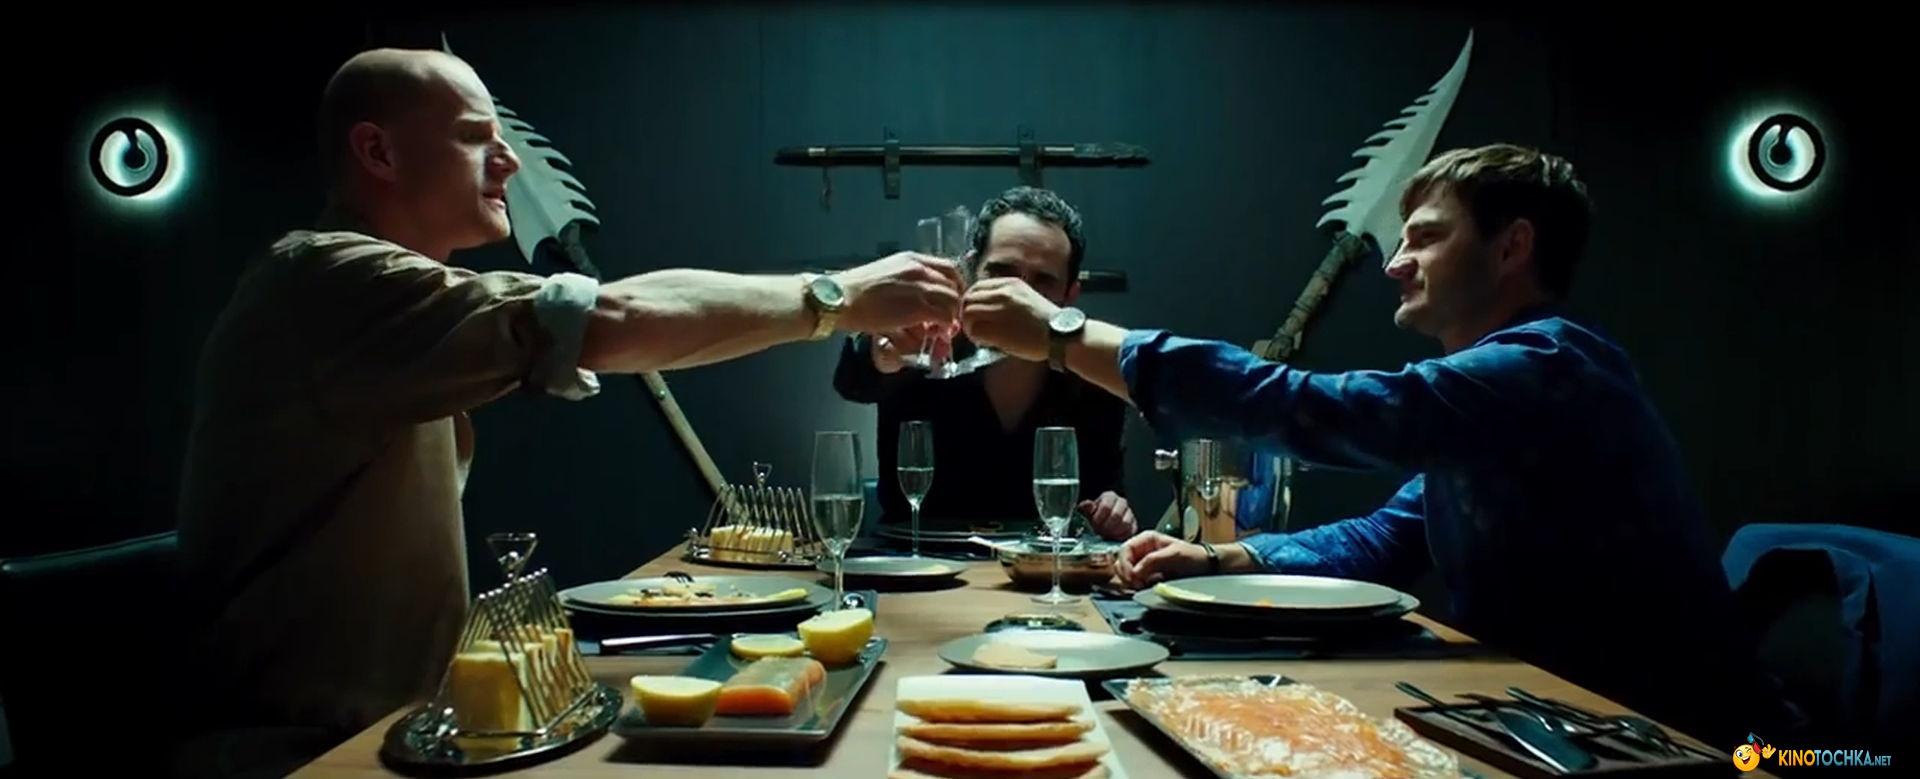 Фильм Ловушка 2016 смотреть онлайн бесплатно в хорошем